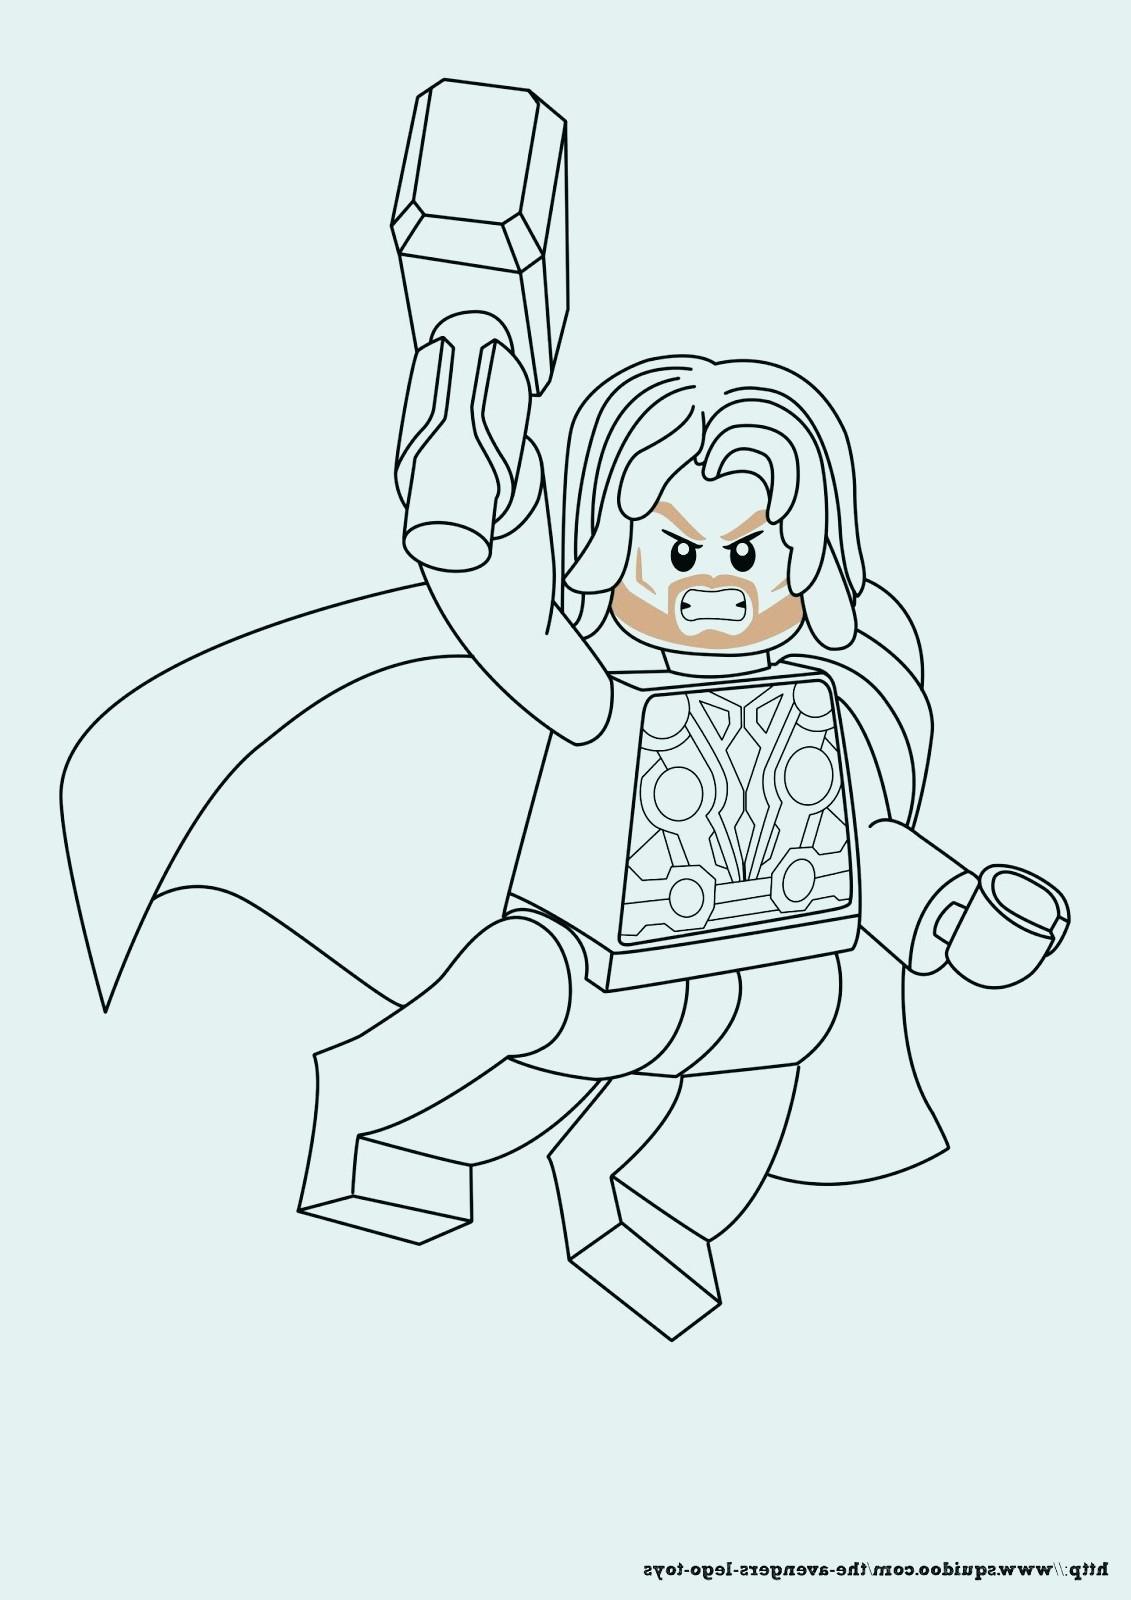 Lego Ninjago Ausmalbilder Das Beste Von 30 Frisch Ausmalbild Lego Nexo Knights – Malvorlagen Ideen Fotografieren